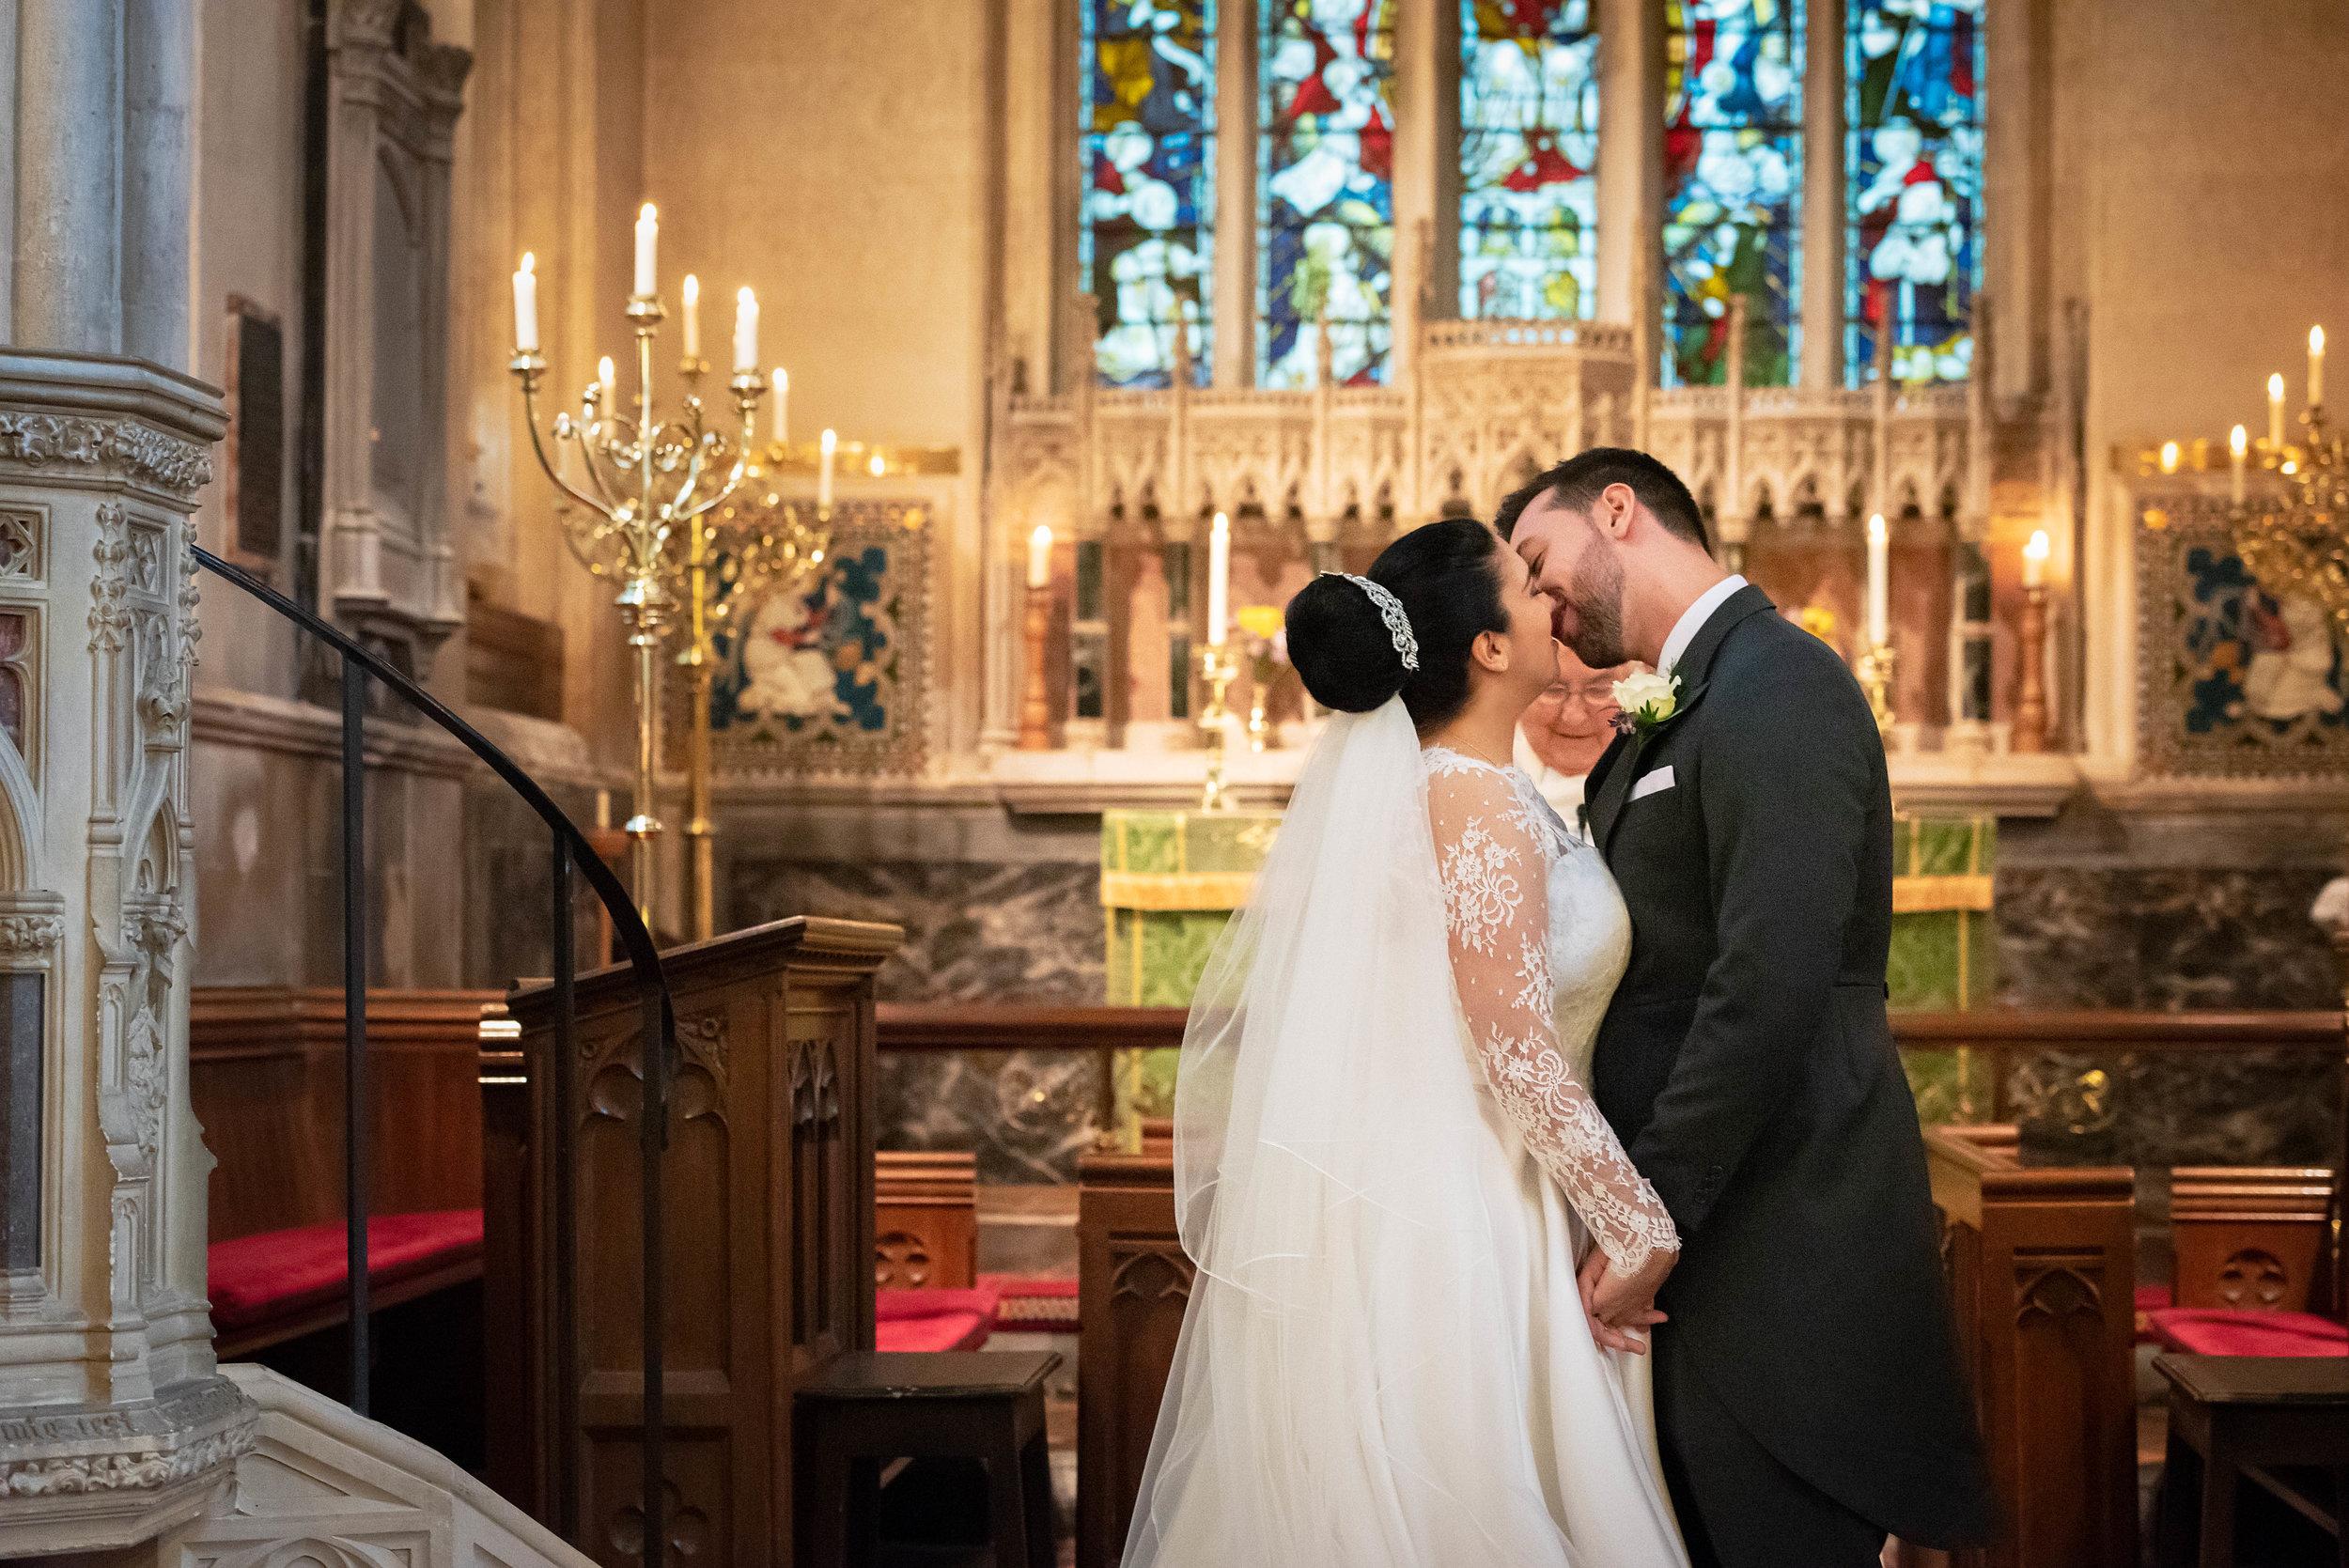 Nicole & Lewis Wedding00031.jpg